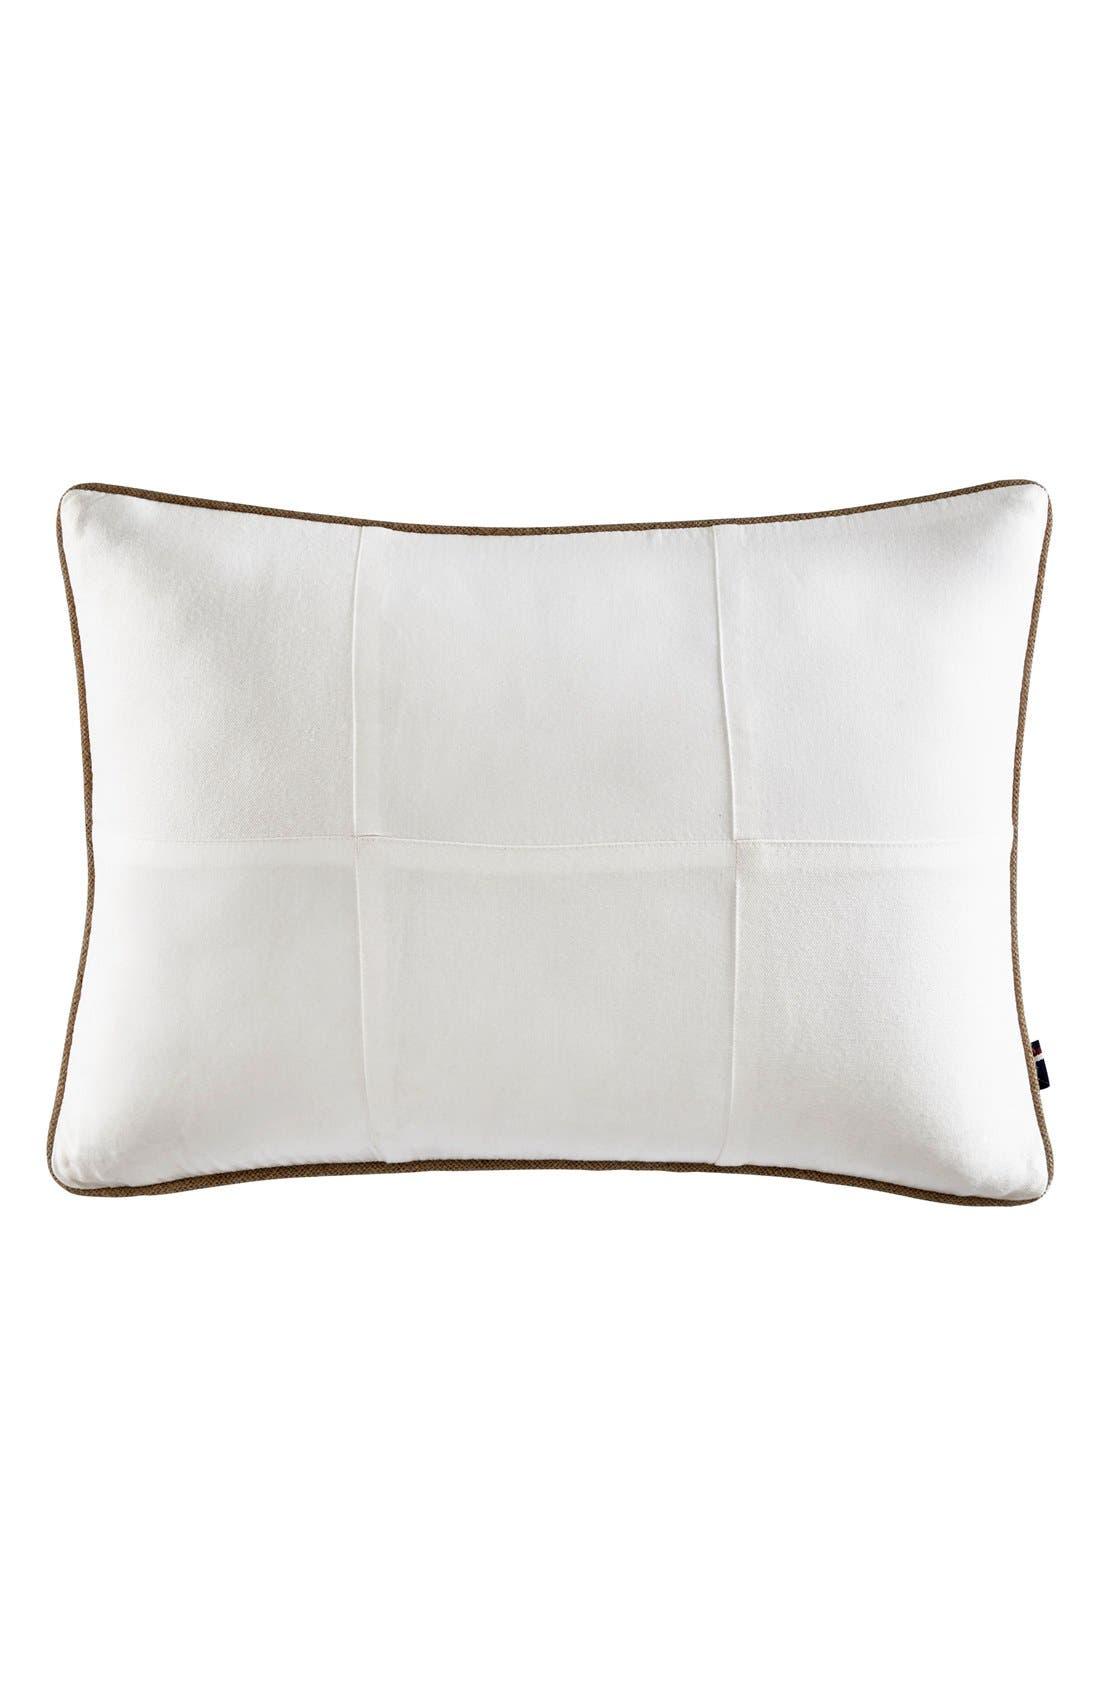 Longview Accent Pillow,                         Main,                         color,